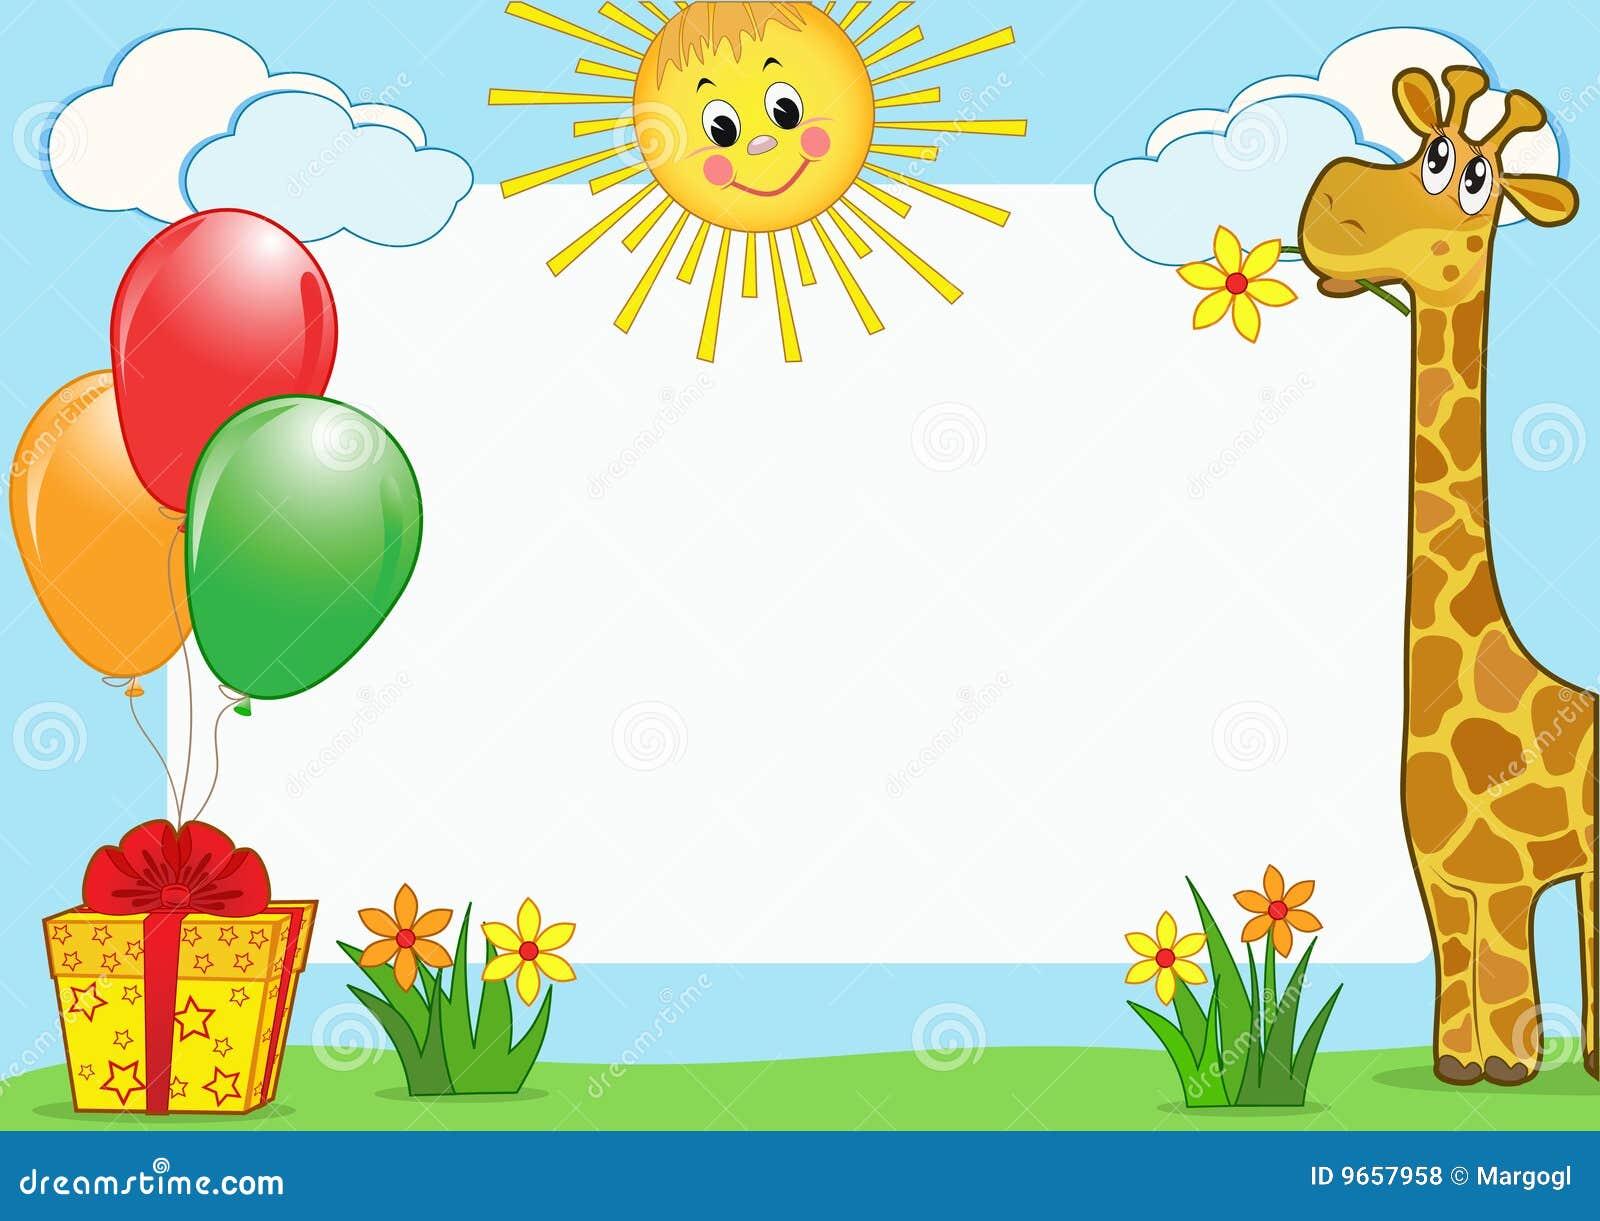 Fotorahmen der Kinder. vektor abbildung. Illustration von hell - 9657958